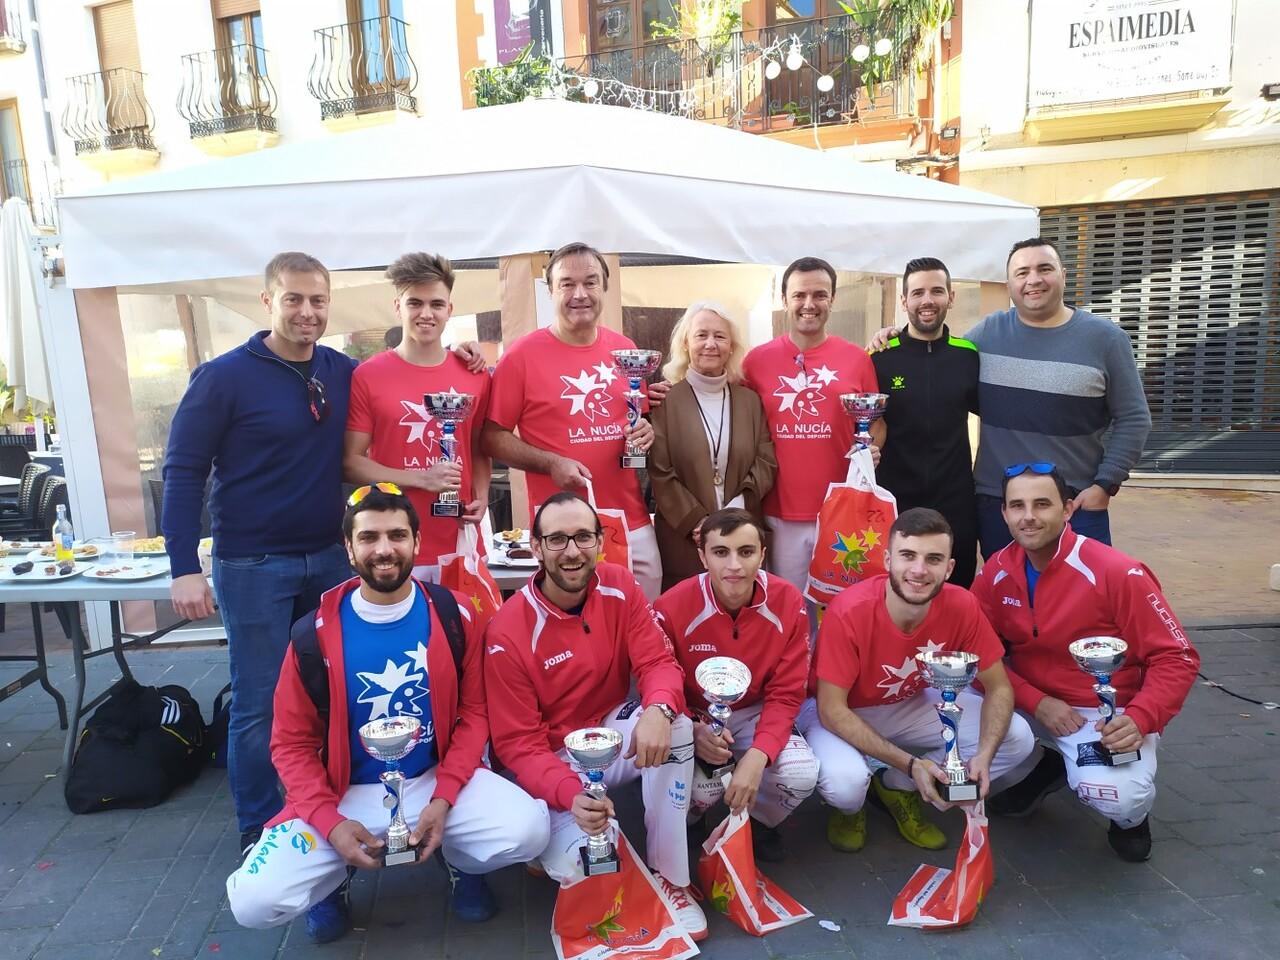 La Nucia Torneig Pilota VII Finales 1a 2019